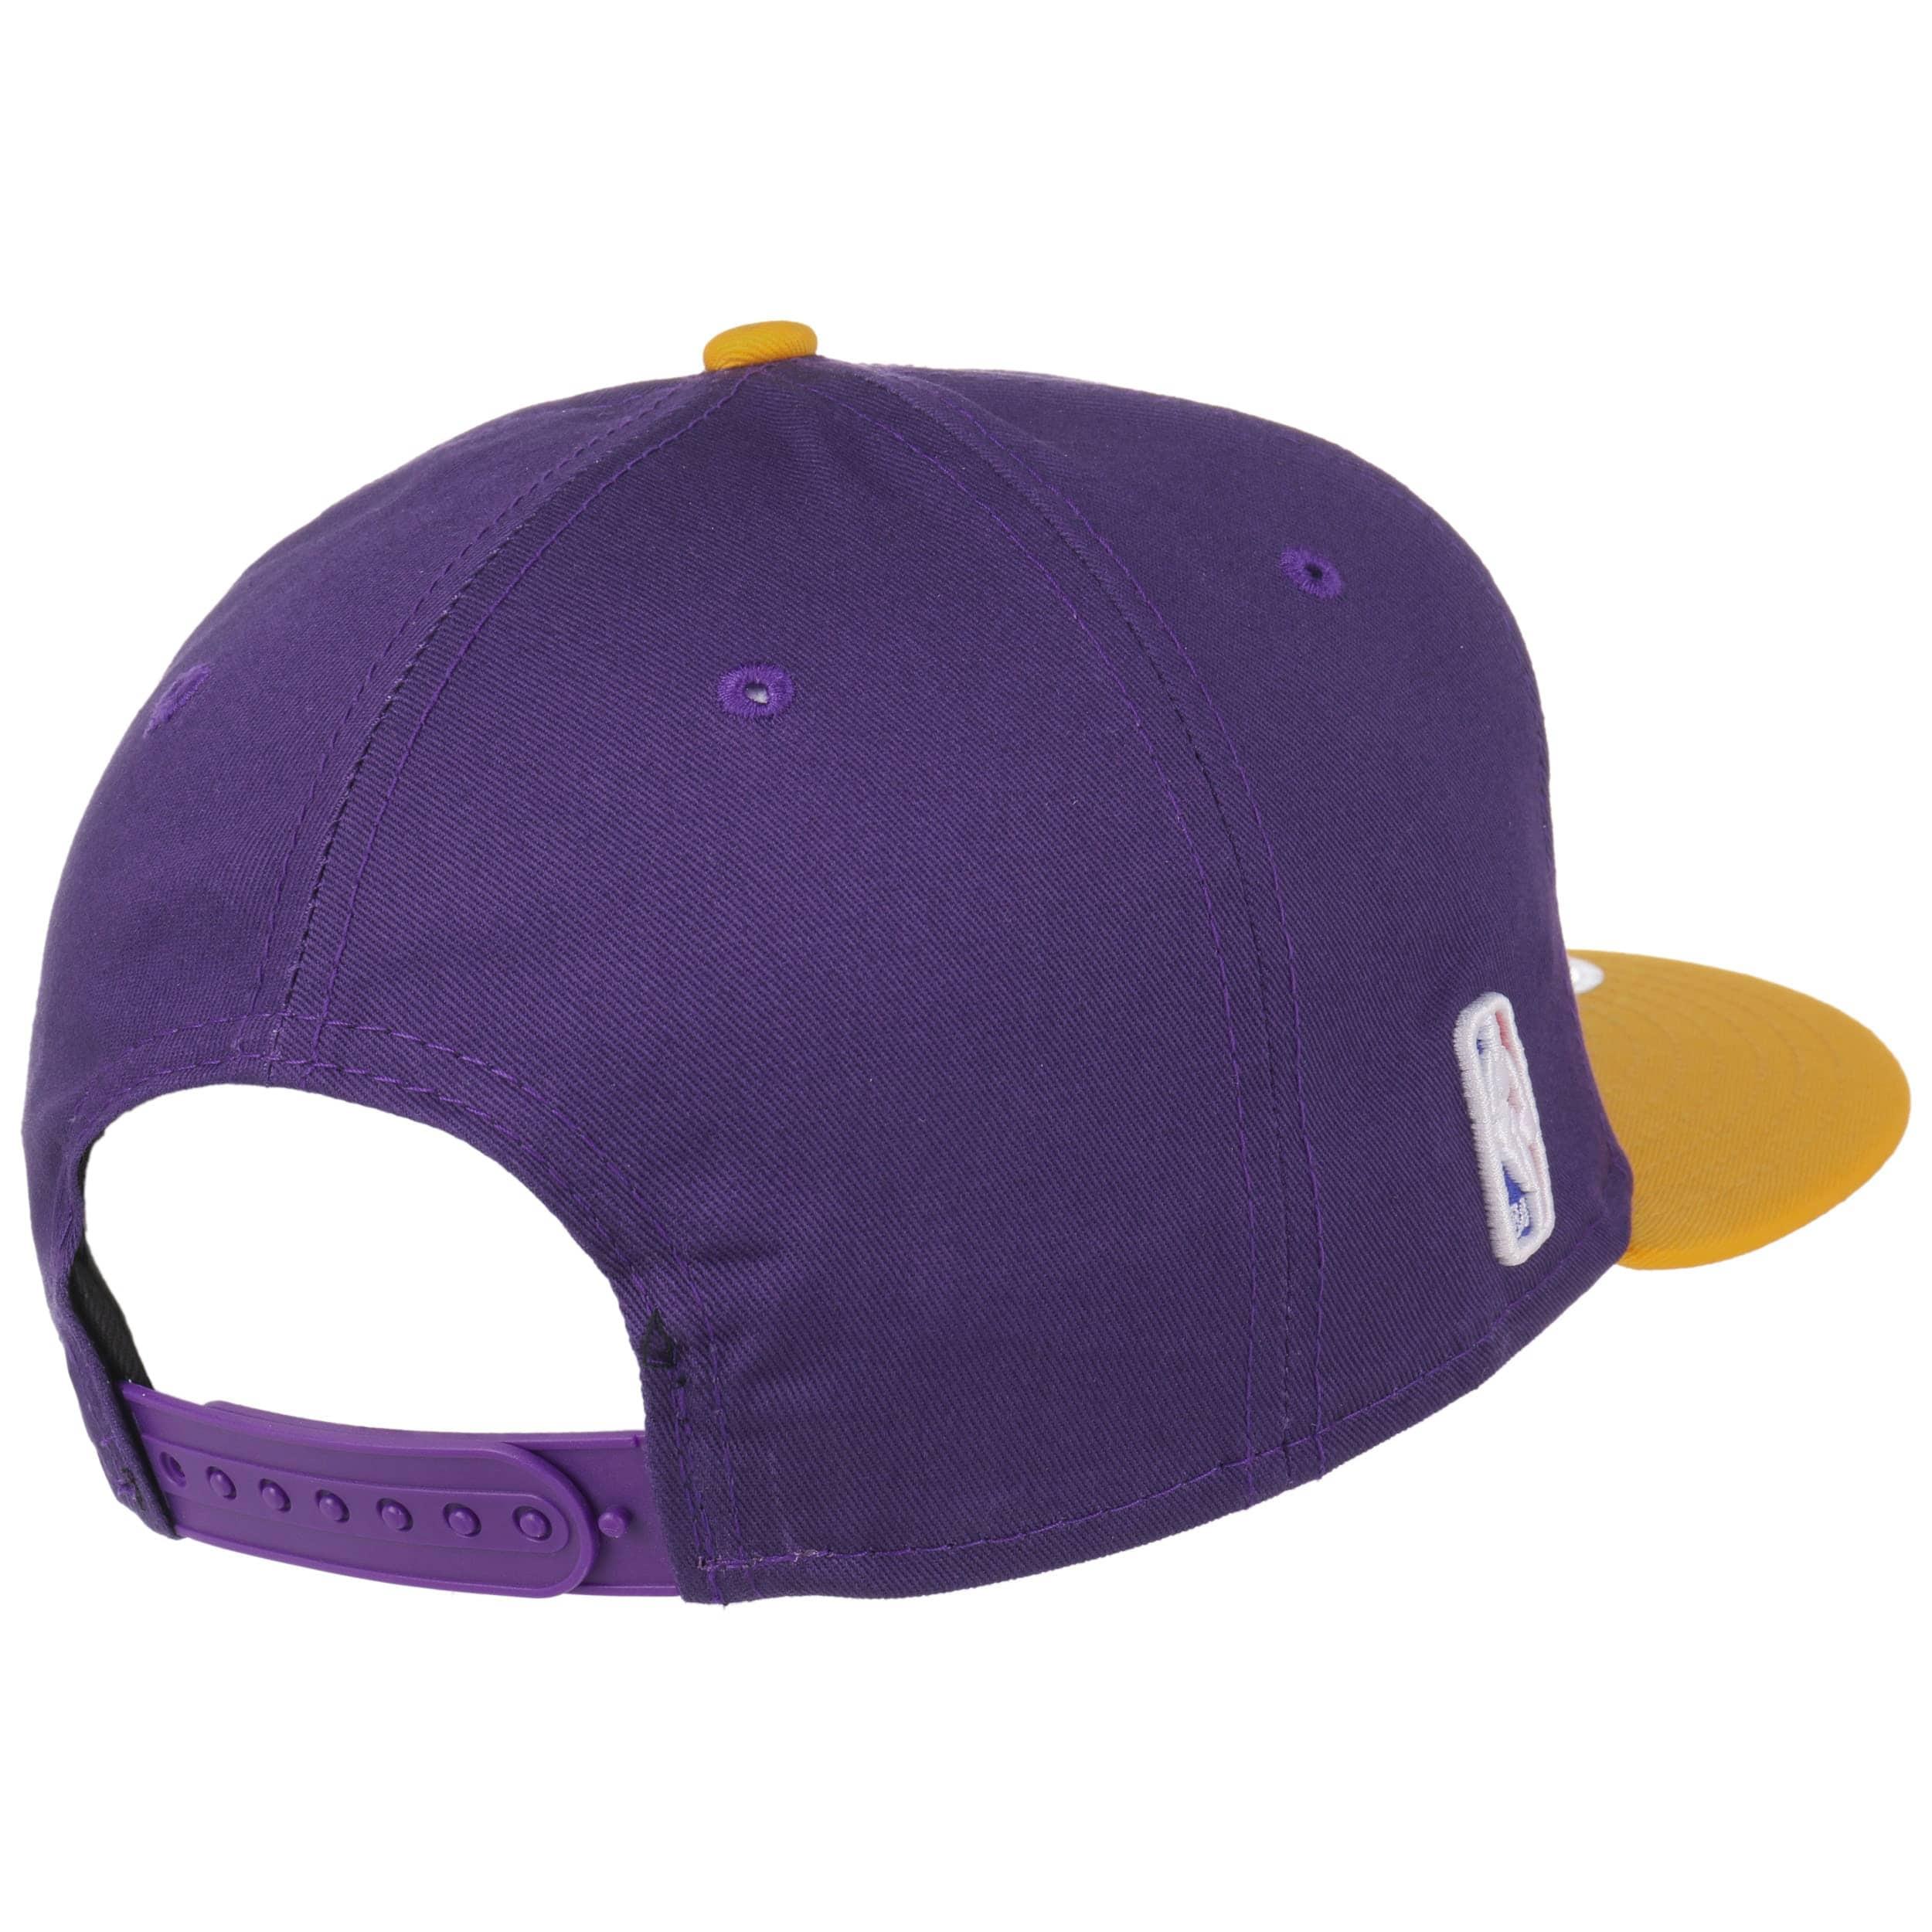 ... Cappellino 9Fifty TC LA Lakers by New Era - lilla 3 ... db6af5ba3aeb